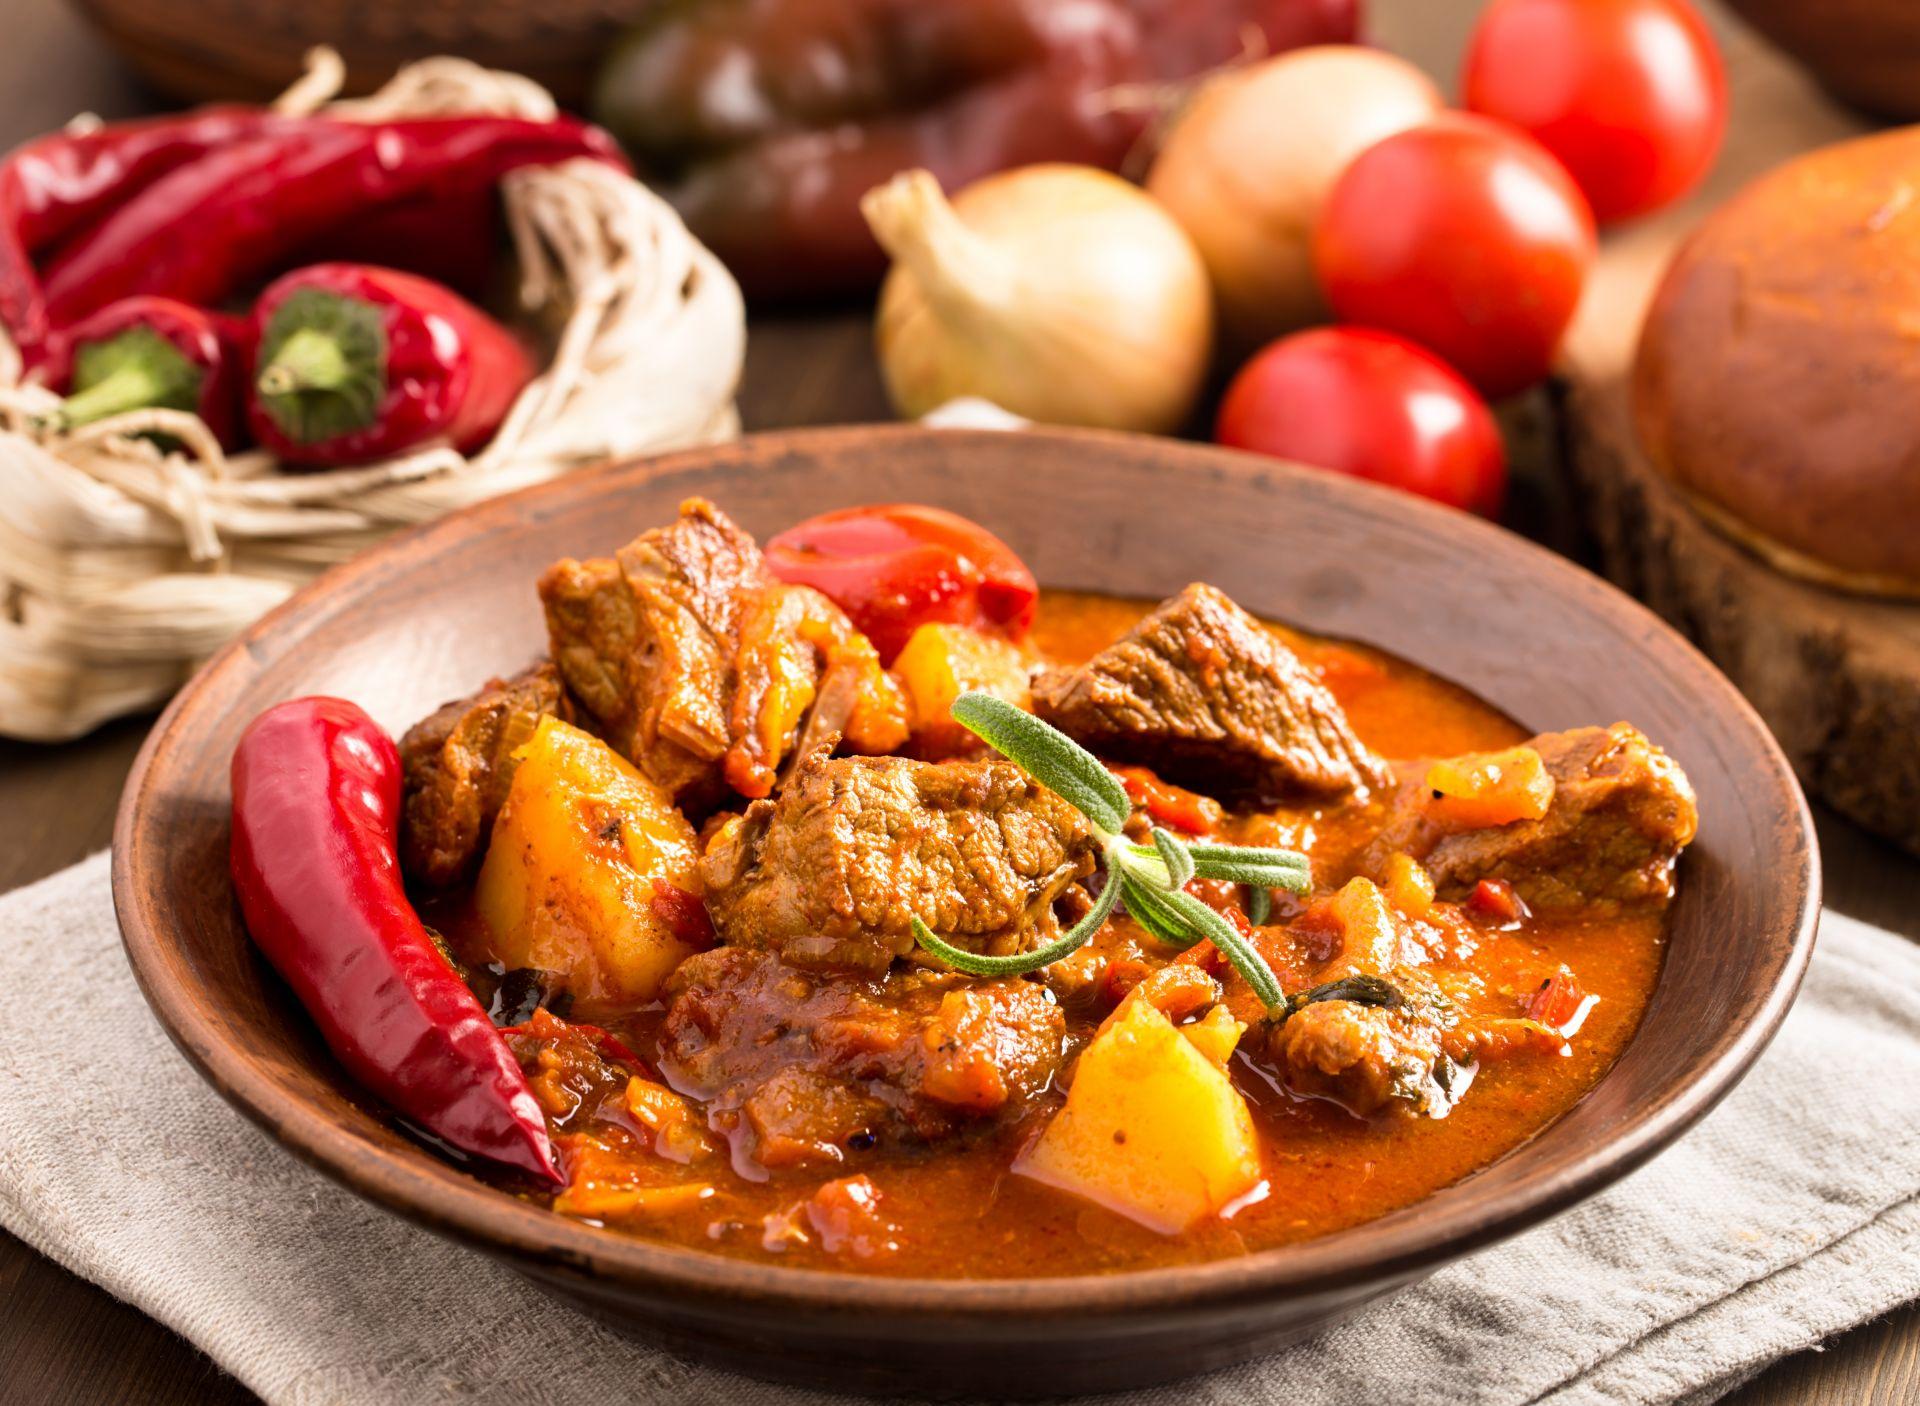 Вероятно най-известната унгарска храна е гулашът и това е и нашето предложение! За да поставите тенджера на котлона и да сте сигурни, че всеки от гостите ви е добре нахранен.